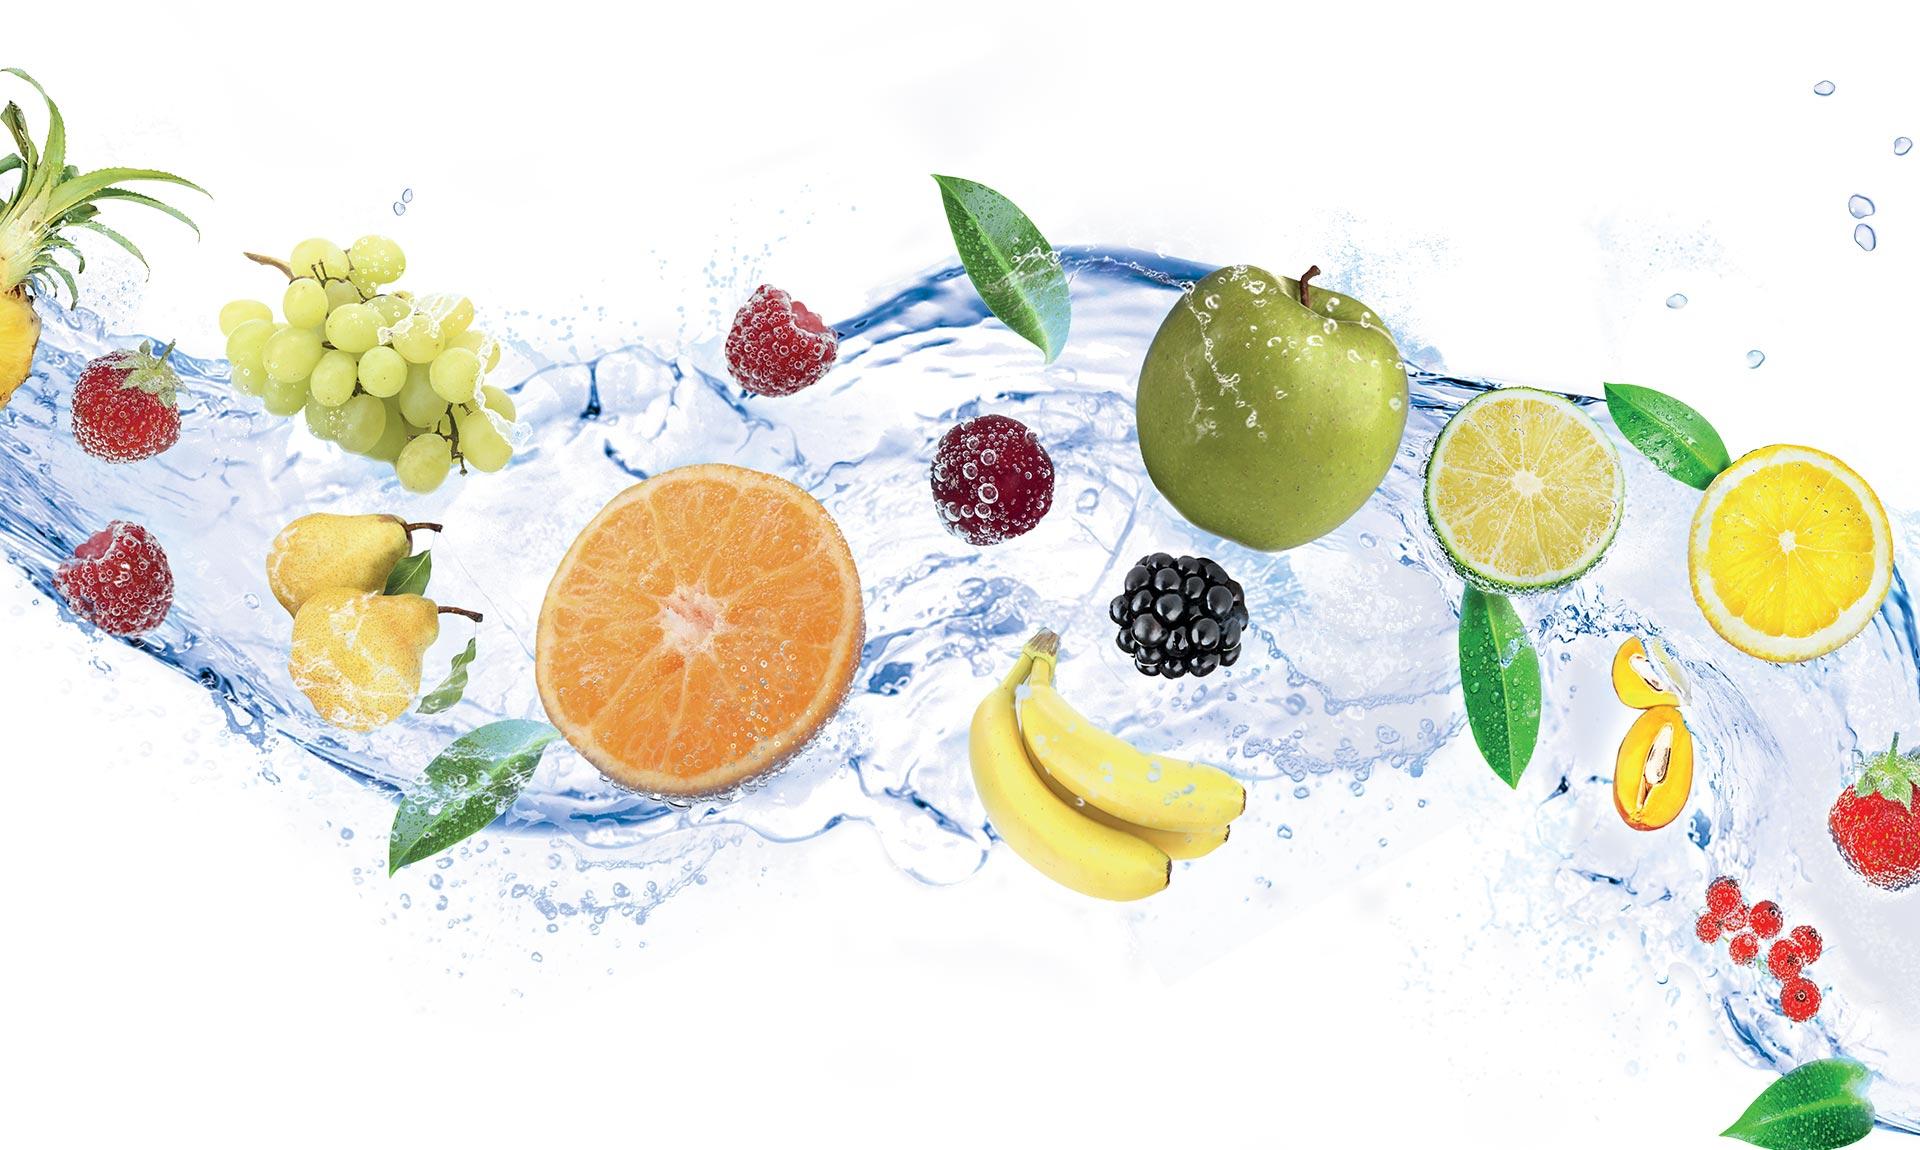 Vitamya®: l'innovazione applicata alla natura per la cura e la protezione di pelle e capelli.